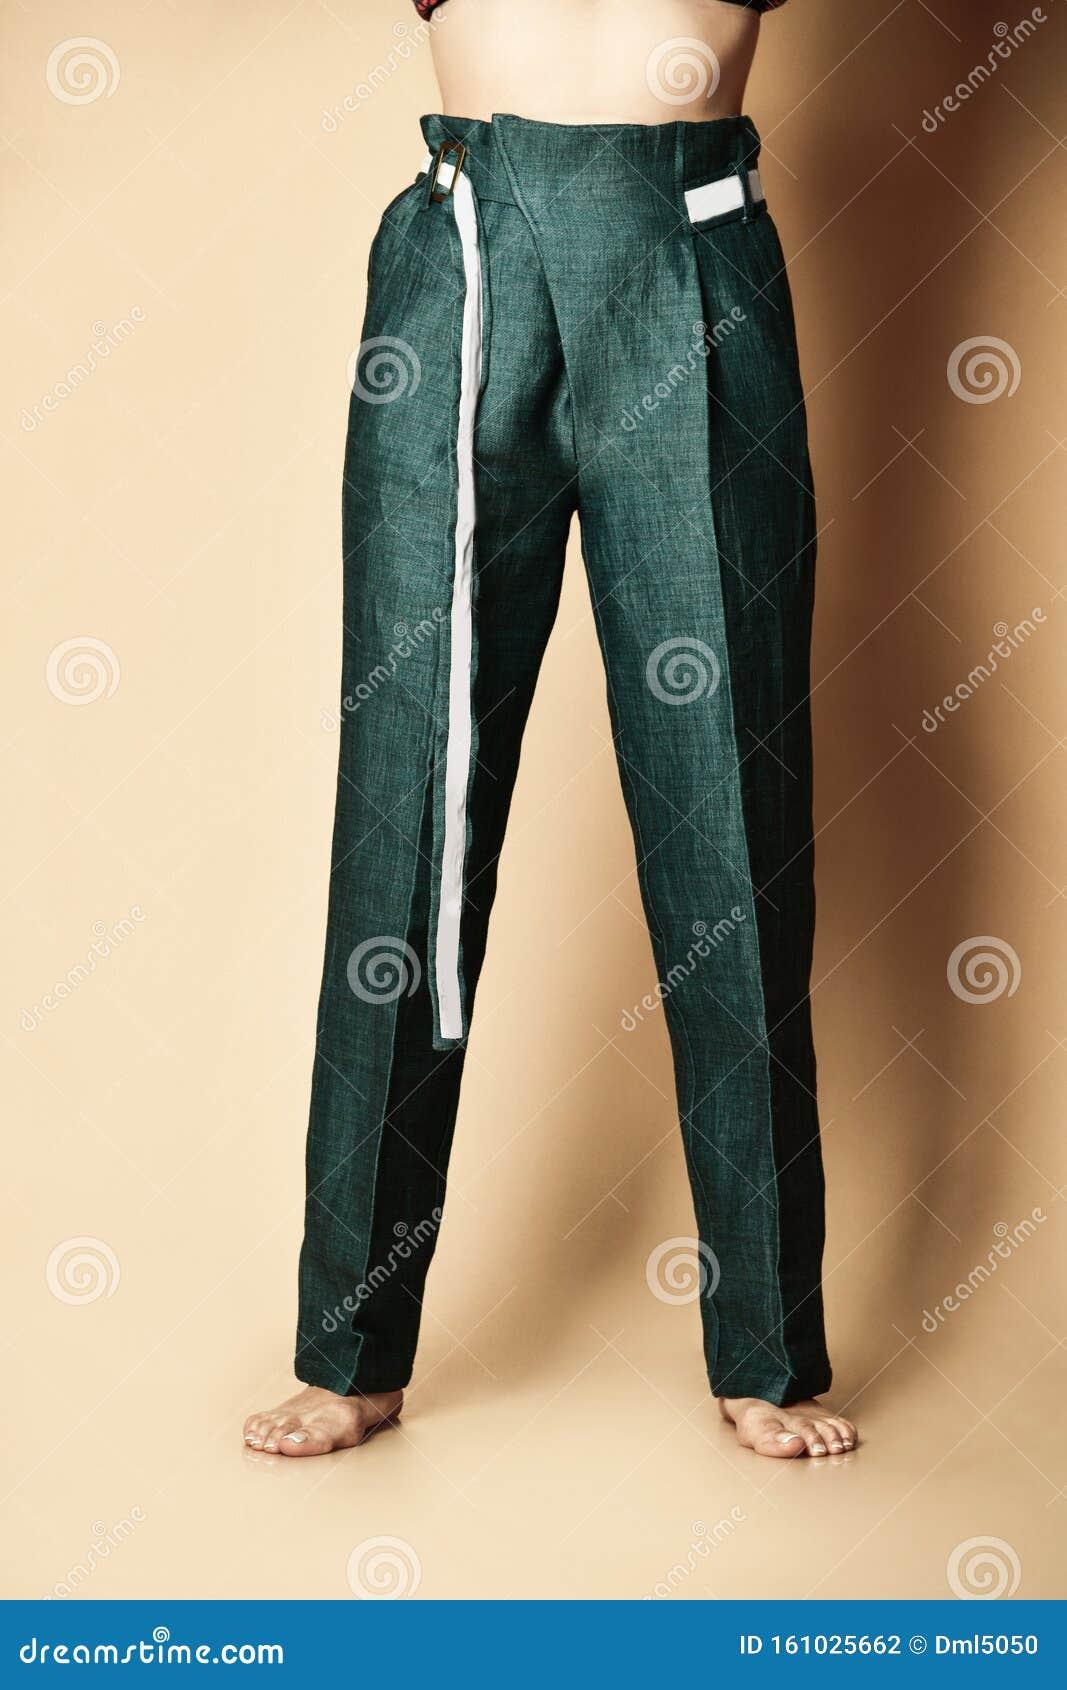 Nuevo Diseno Mujer Pantalones Verdes Ropa De Mujer Casual Con Cinturon En Beige Foto De Archivo Imagen De Nuevo Casual 161025662